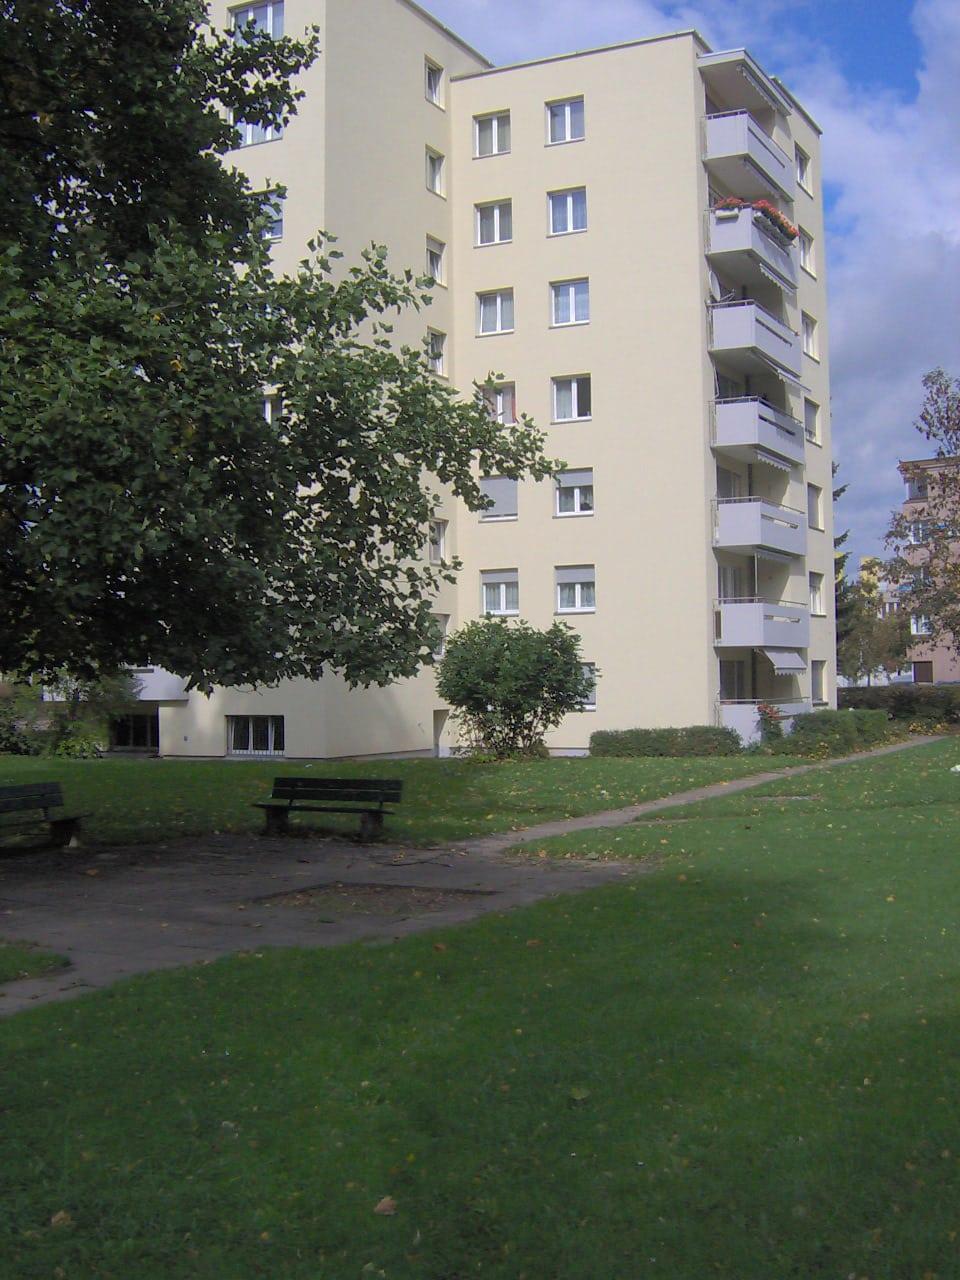 Scheideggstrasse 26